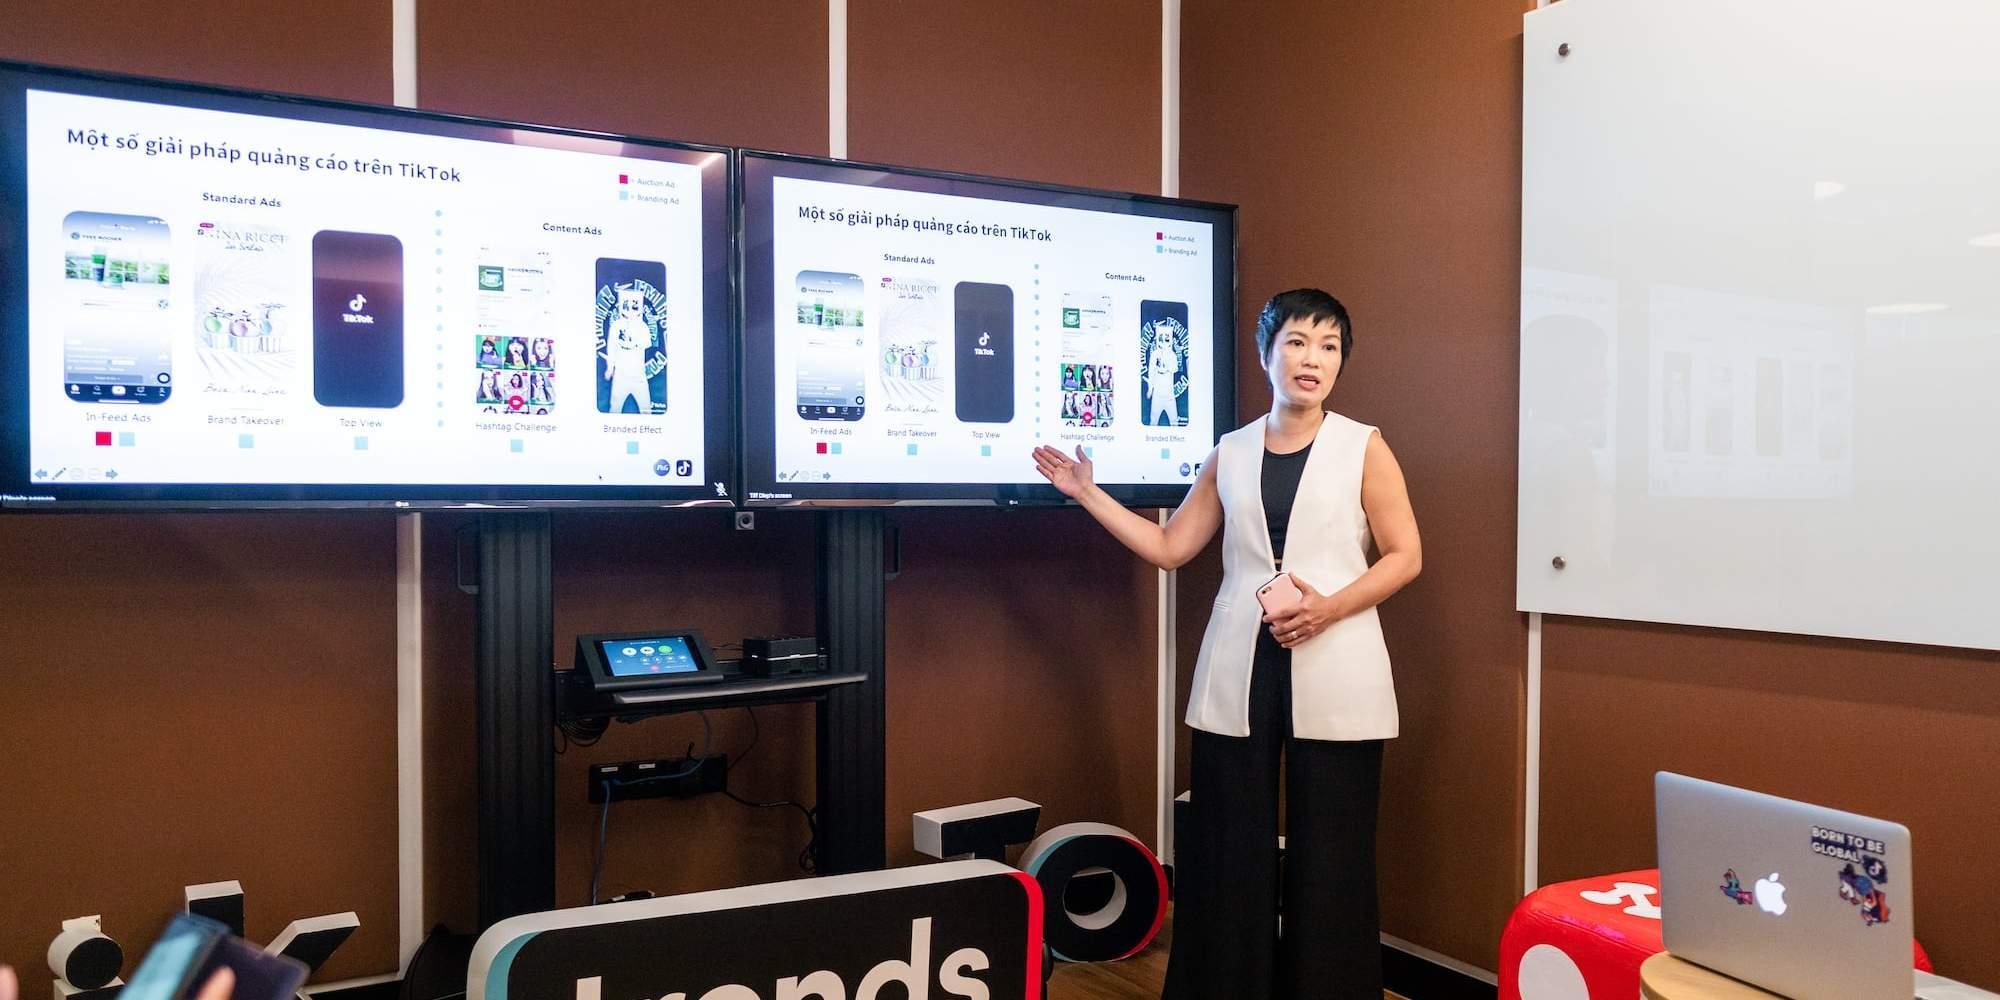 Giám đốc kinh doanh của TikTok Việt Nam chia sẻ về các giải pháp quảng cáo dành cho doanh nghiệp và cái nhìn về Câu chuyện thương hiệu